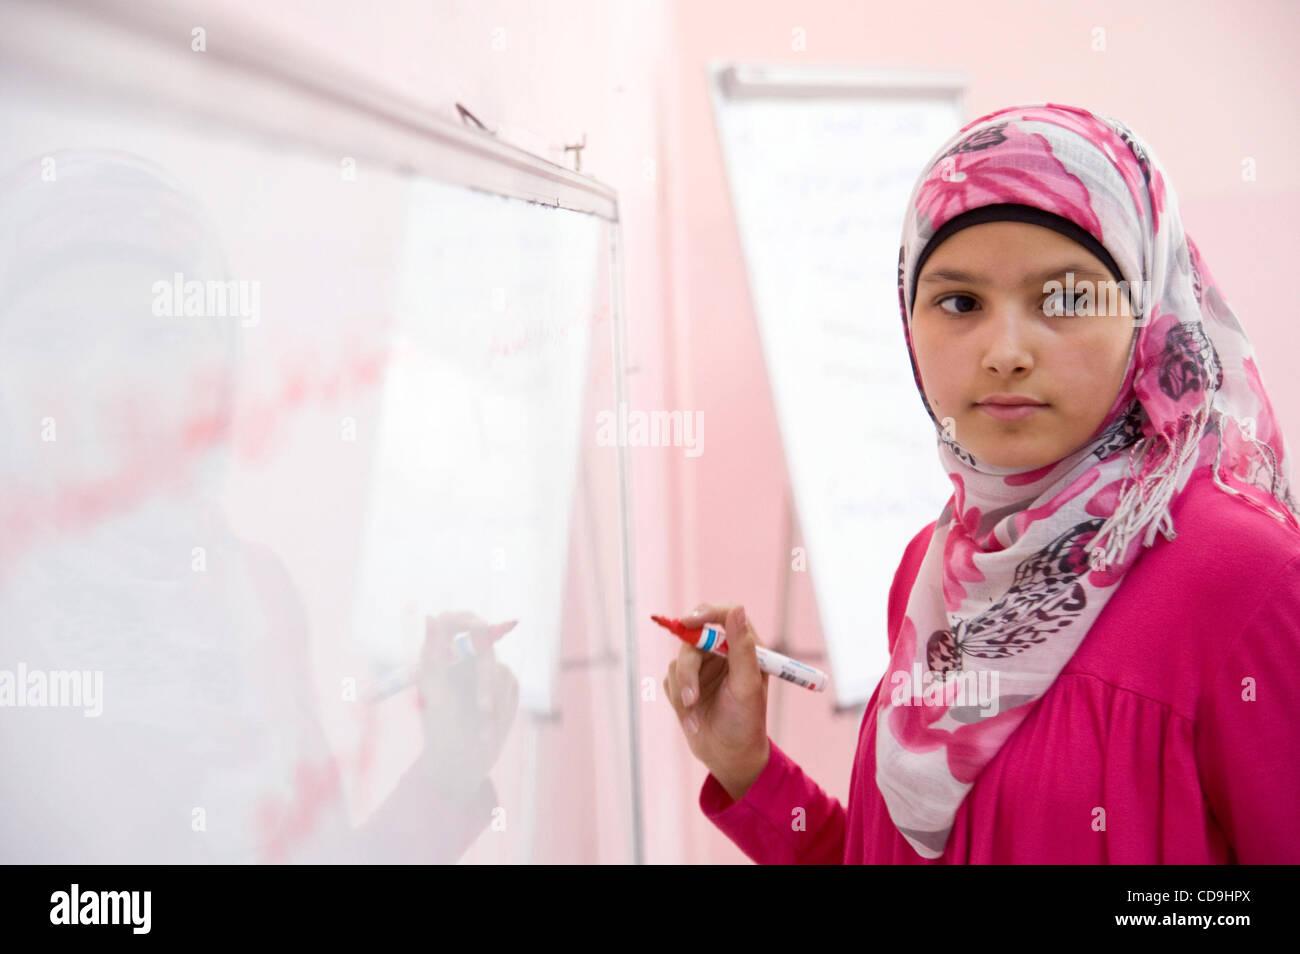 Luglio 12, 2010 - Amman, Giordania - Luglio 12, 2010, Amman, Giordania - una ragazza completa una lezione sulla Immagini Stock